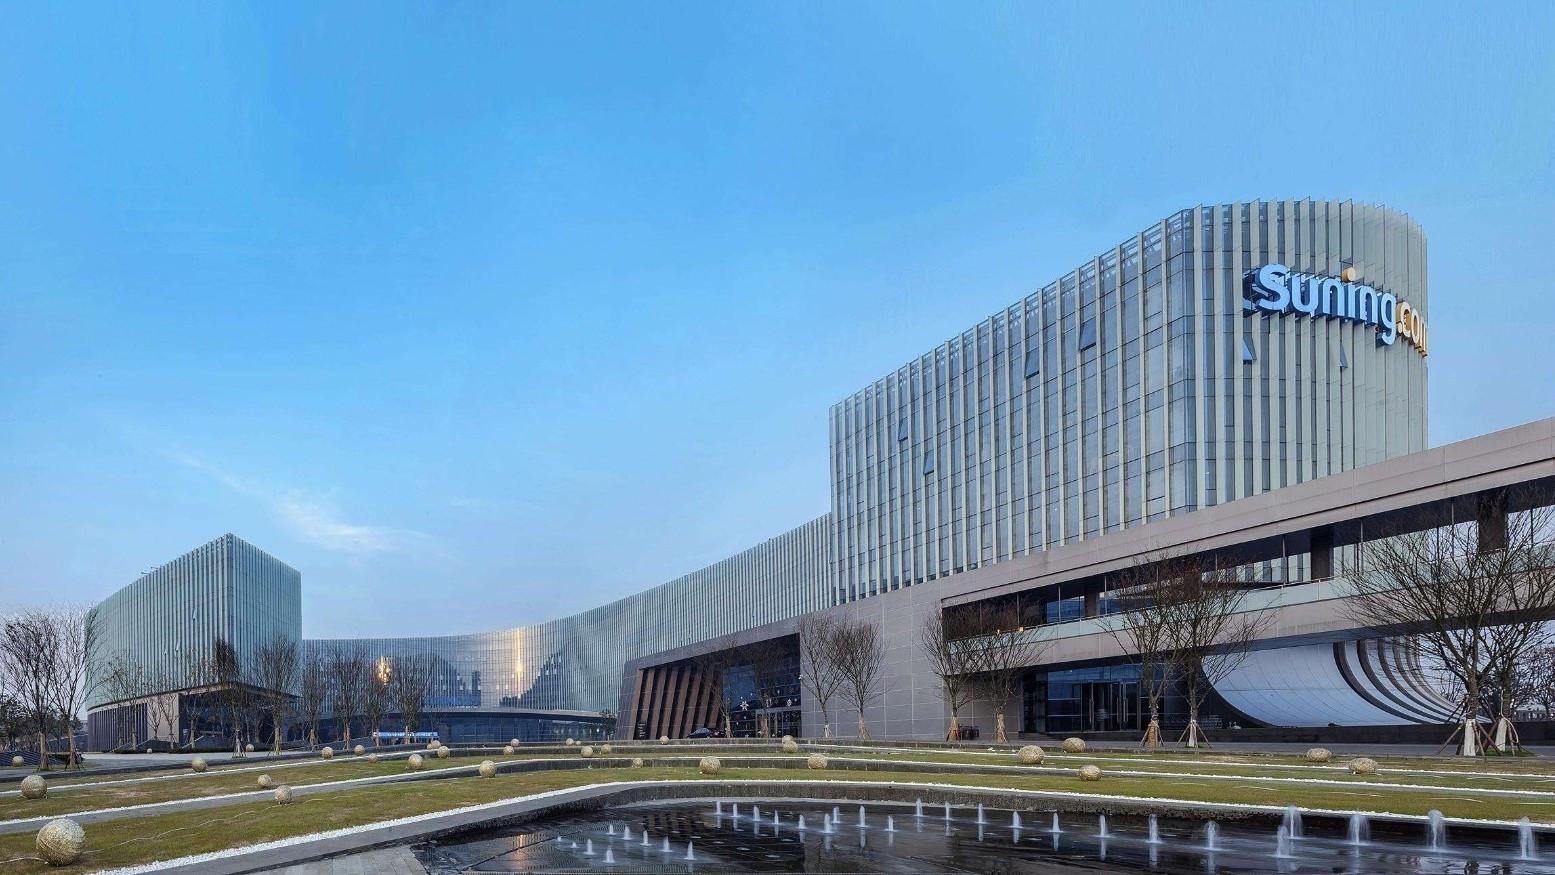 张近东赴陕西 签署智慧零售业态、科技城、文体新城等多个合作项目